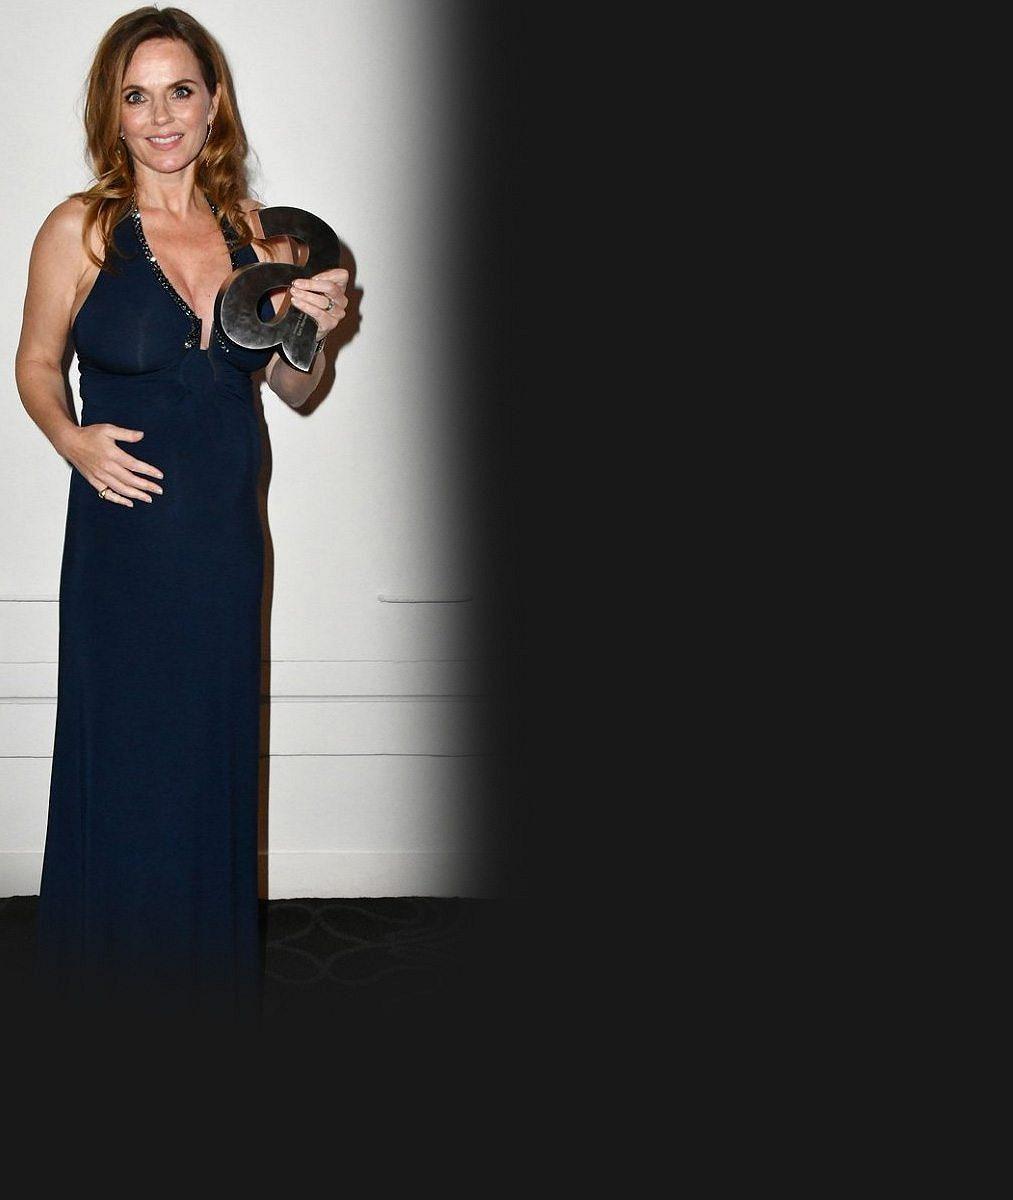 Zrzka ze Spice Girls (44) ukázala, jak už se na ní začalo projevovat překvapivé těhotenství